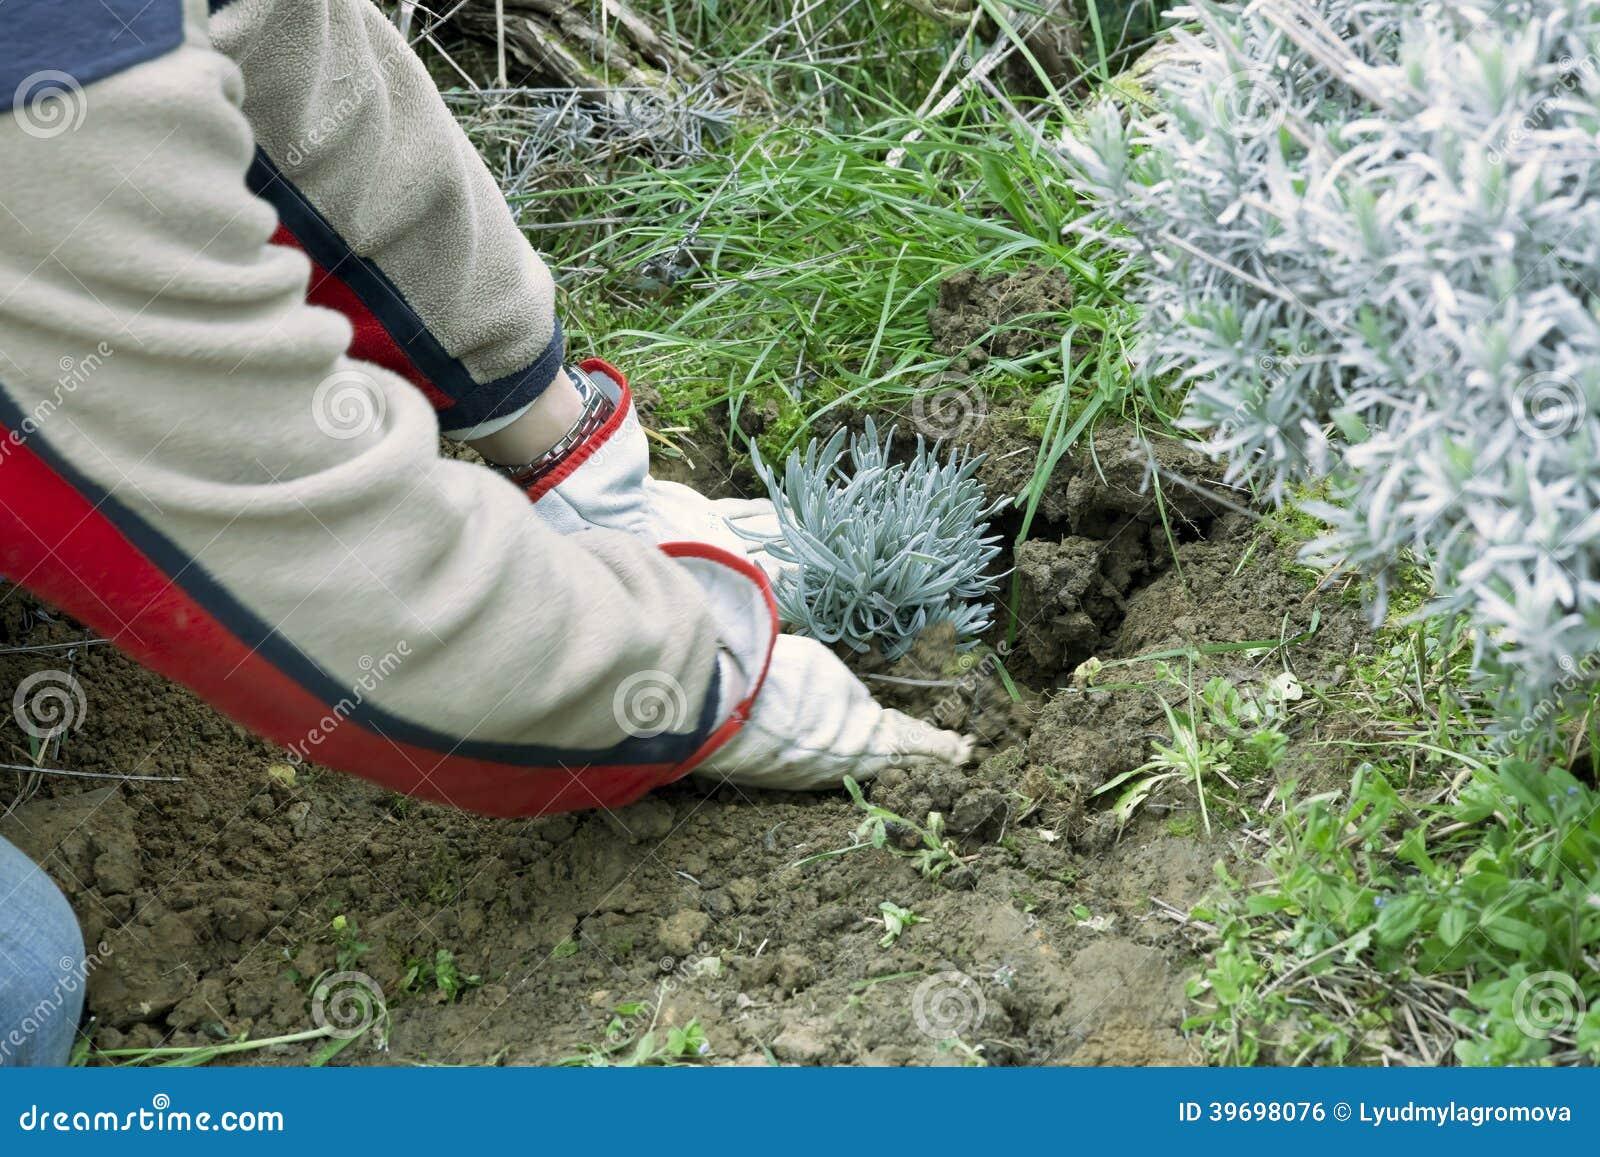 Planting a lavender plant